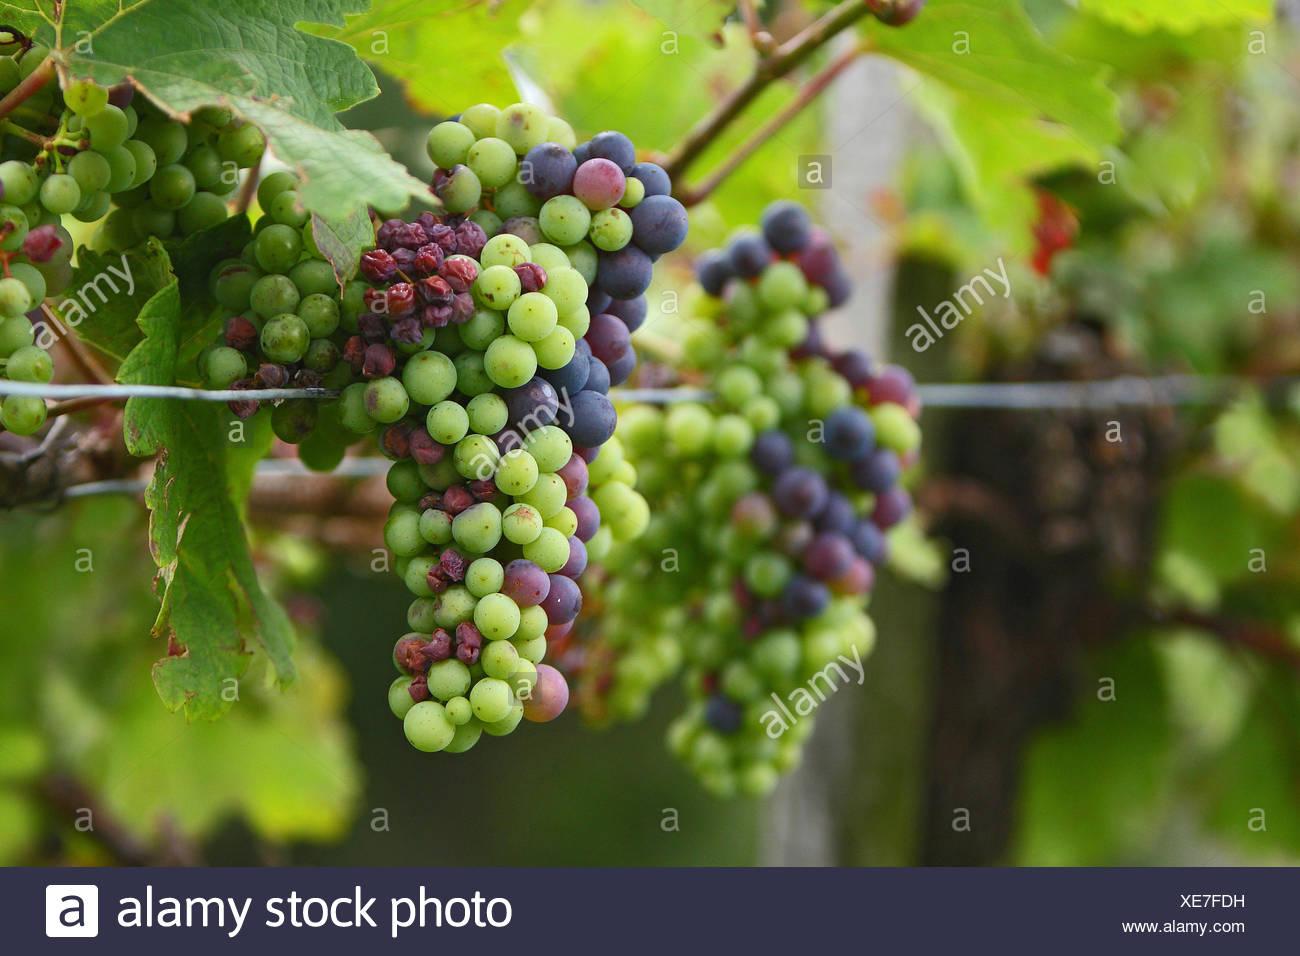 grapes common grape vines vine Stock Photo